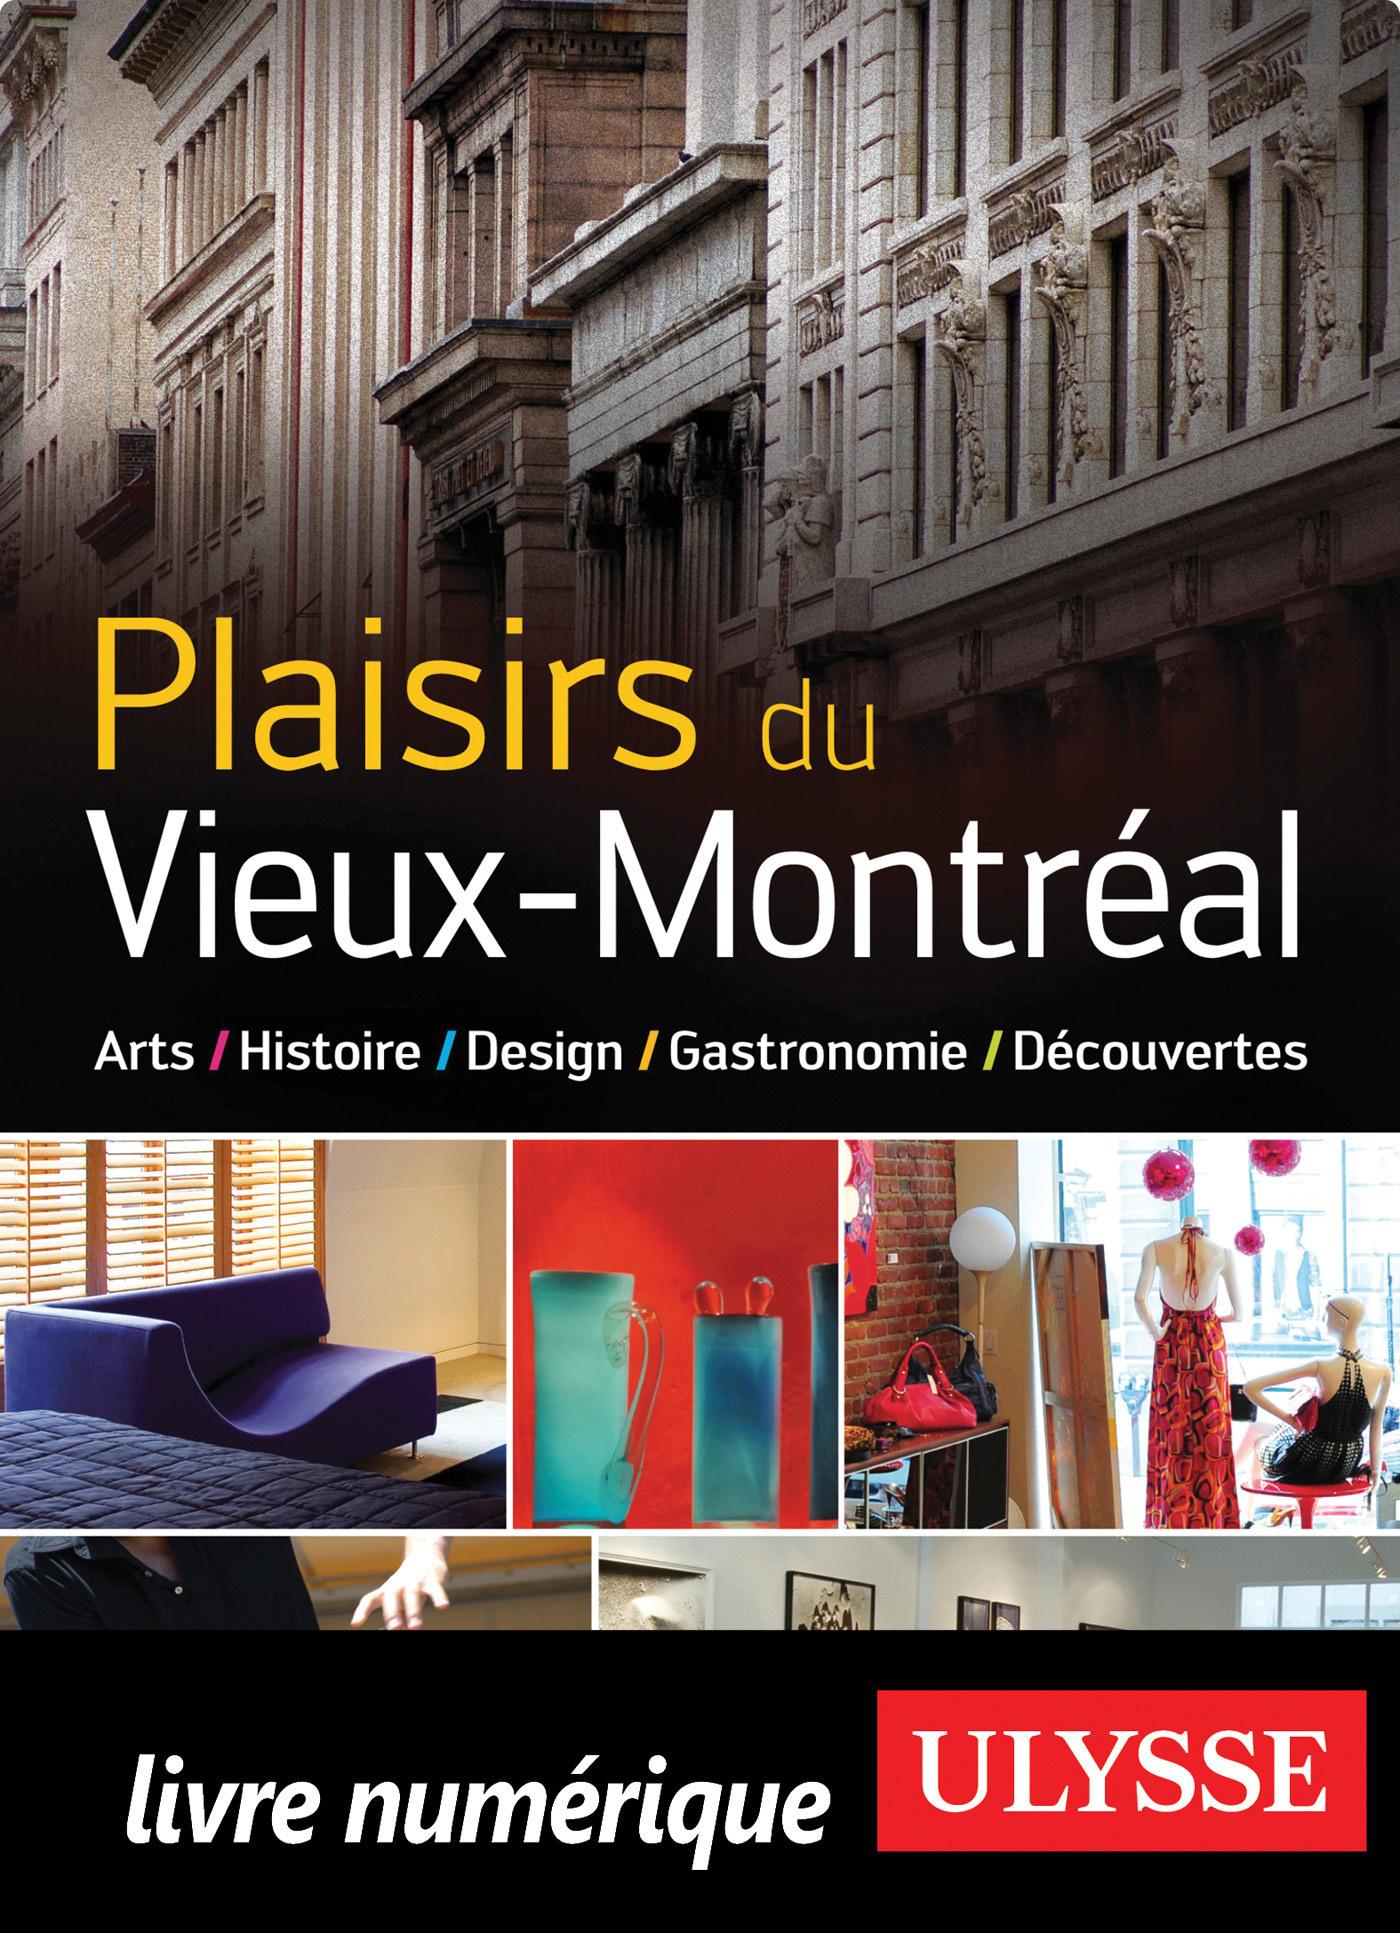 Plaisirs du vieux Montréal : Art, Histoire, Design, Gastronomie